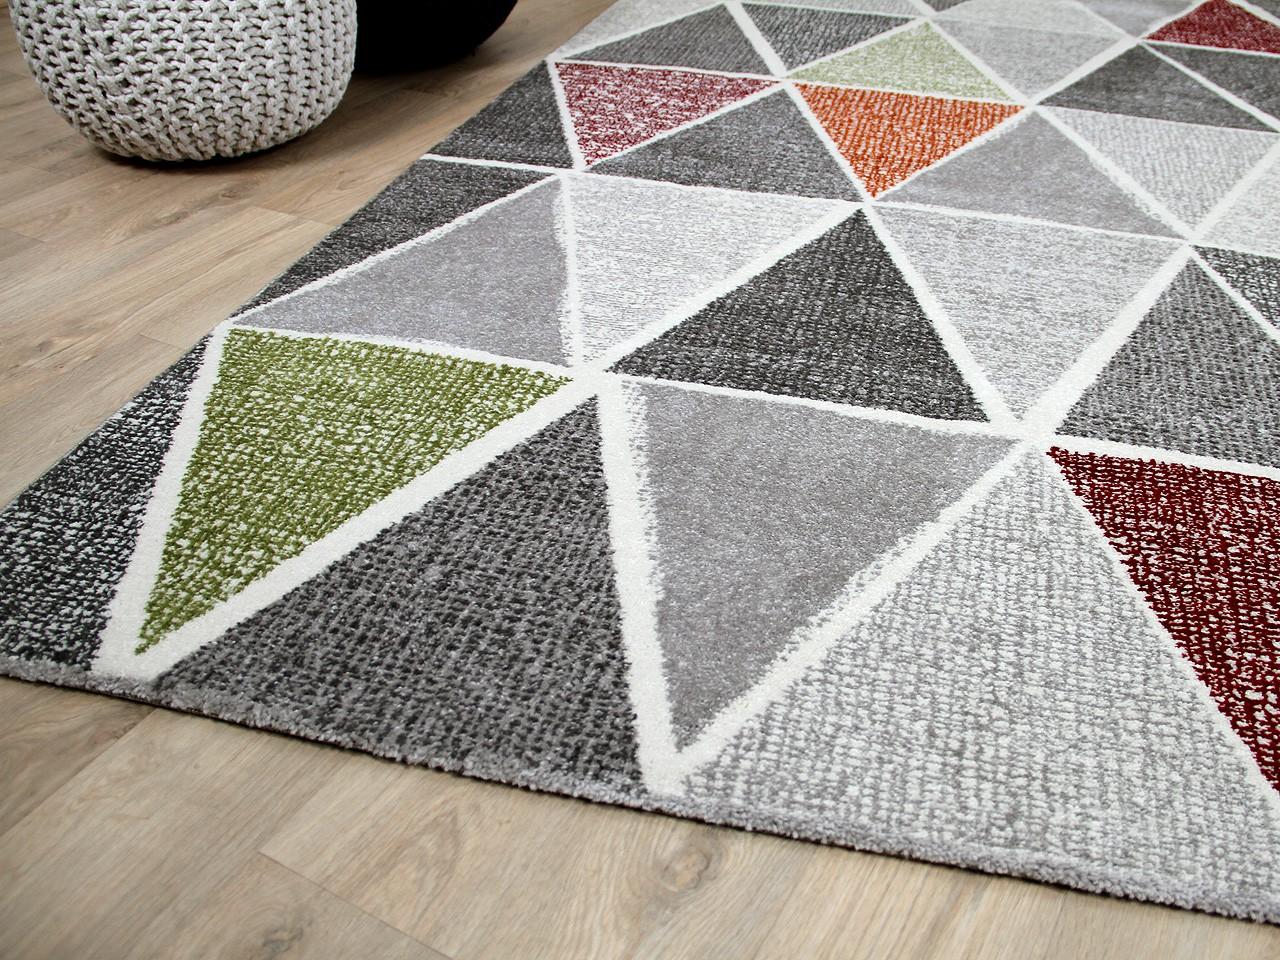 designer teppich sevilla modern grau bunt prisma teppiche designerteppiche sevilla teppiche. Black Bedroom Furniture Sets. Home Design Ideas